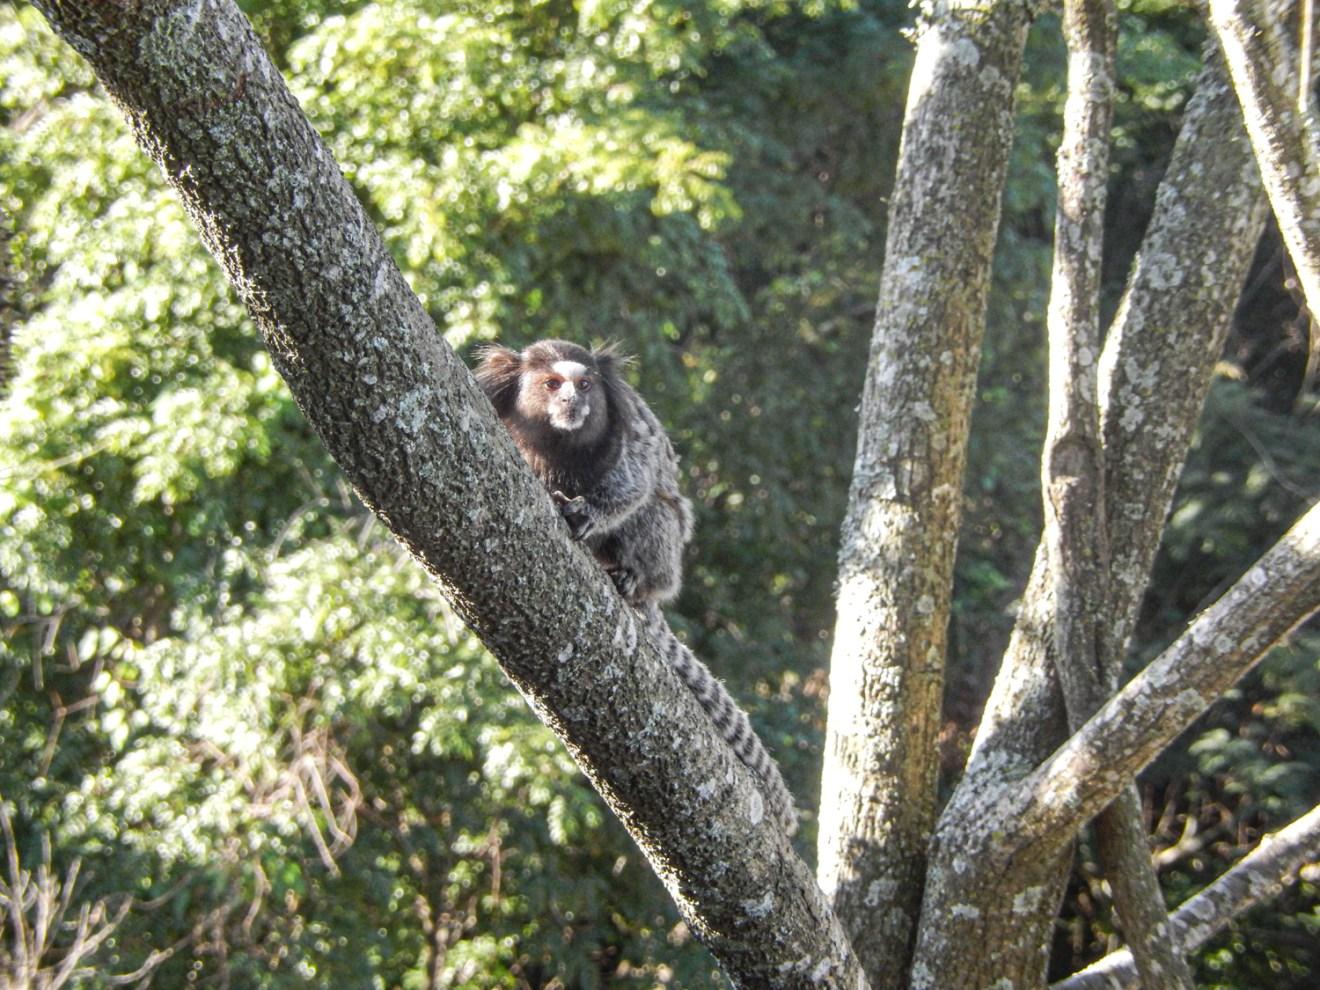 Mico monkey in Rio de Janeiro